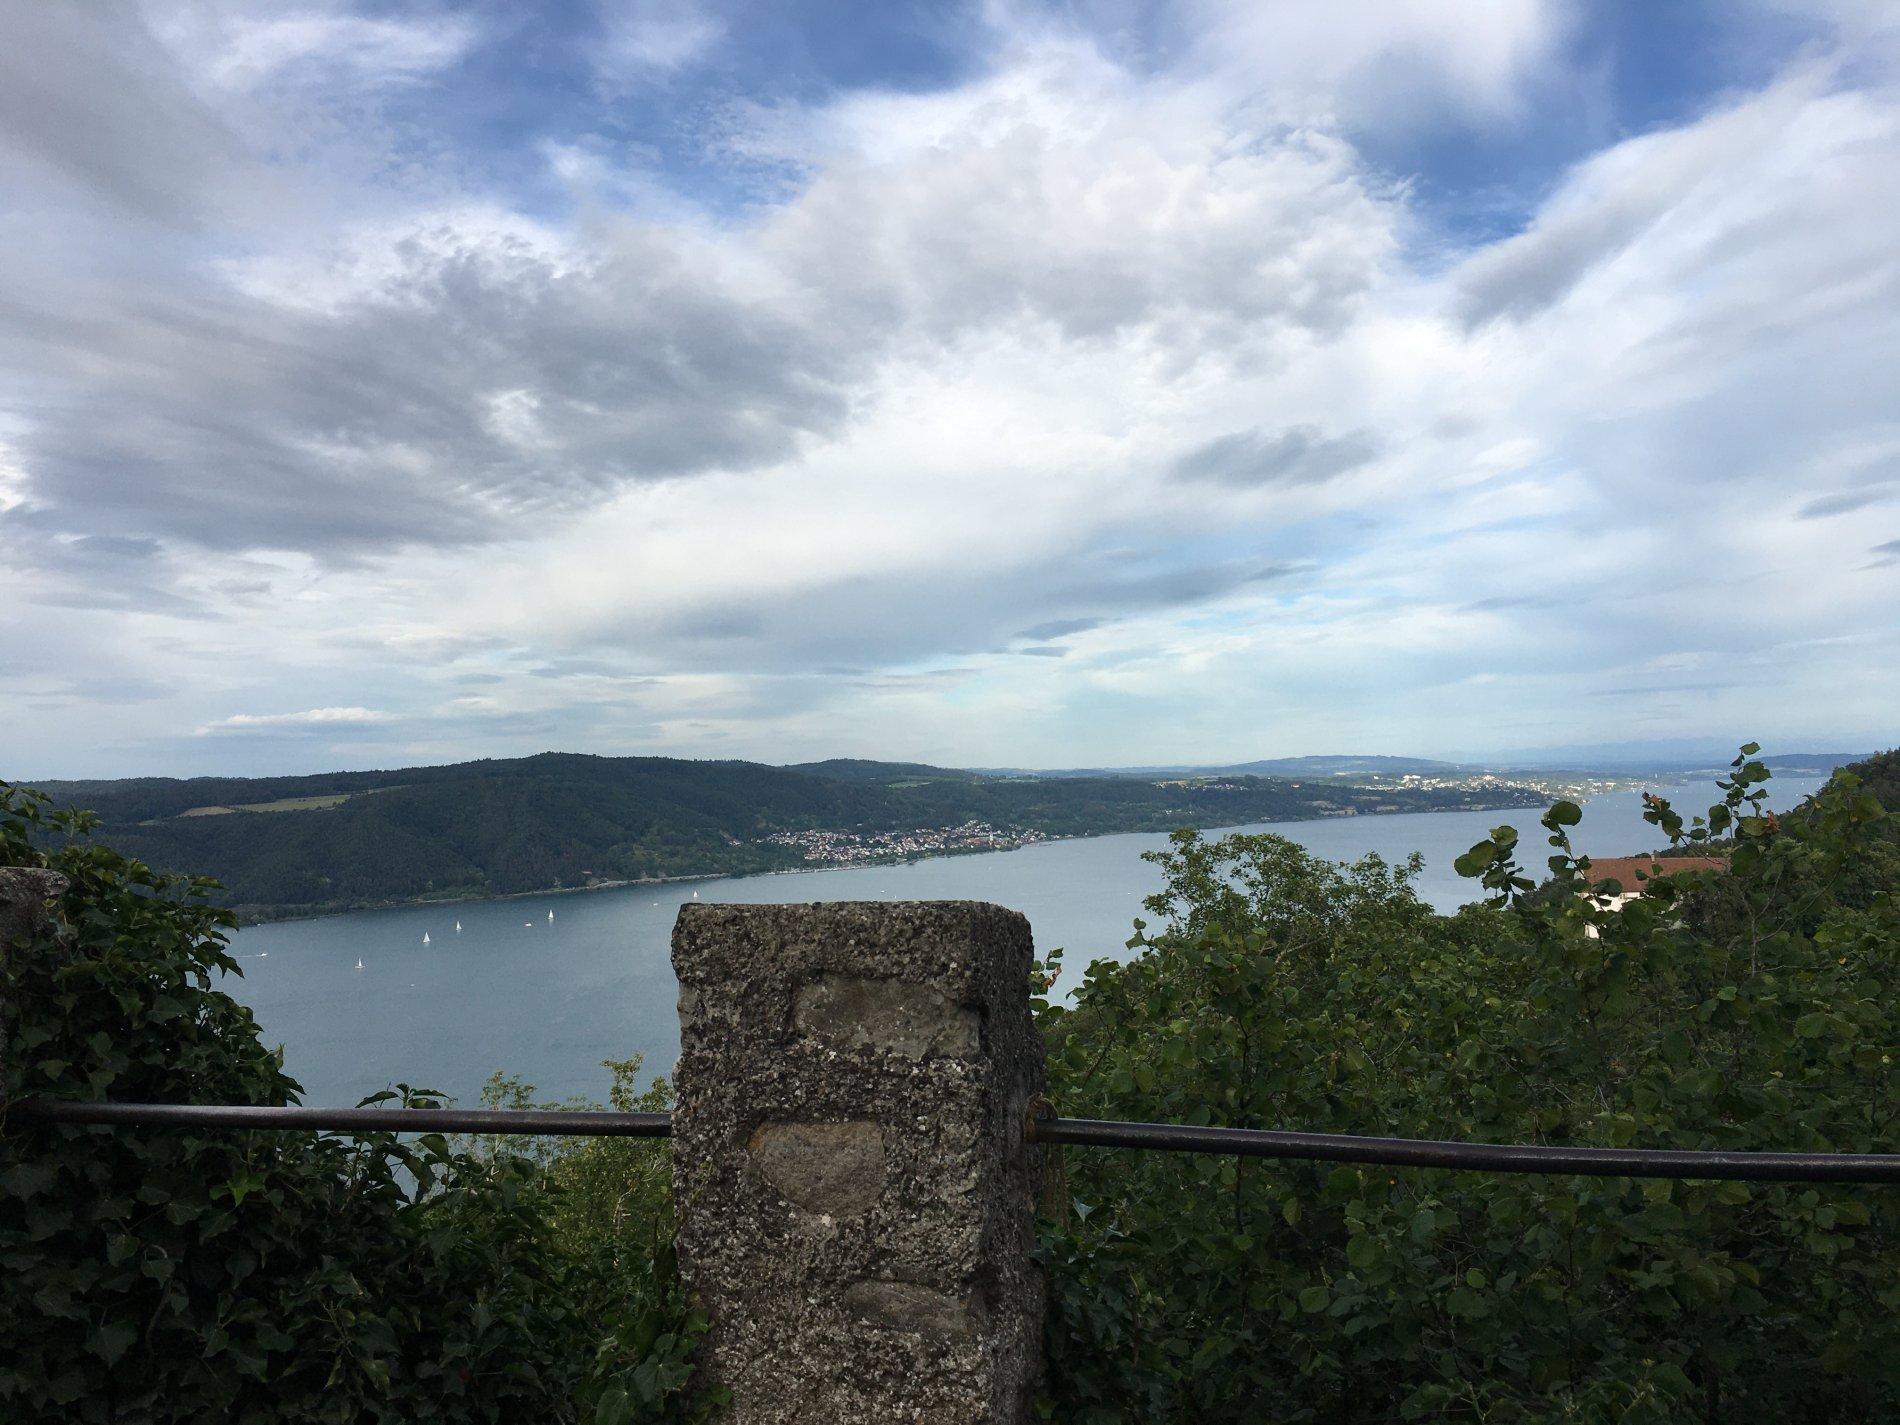 Aussichtspunkt Ruine Alt-Bodman